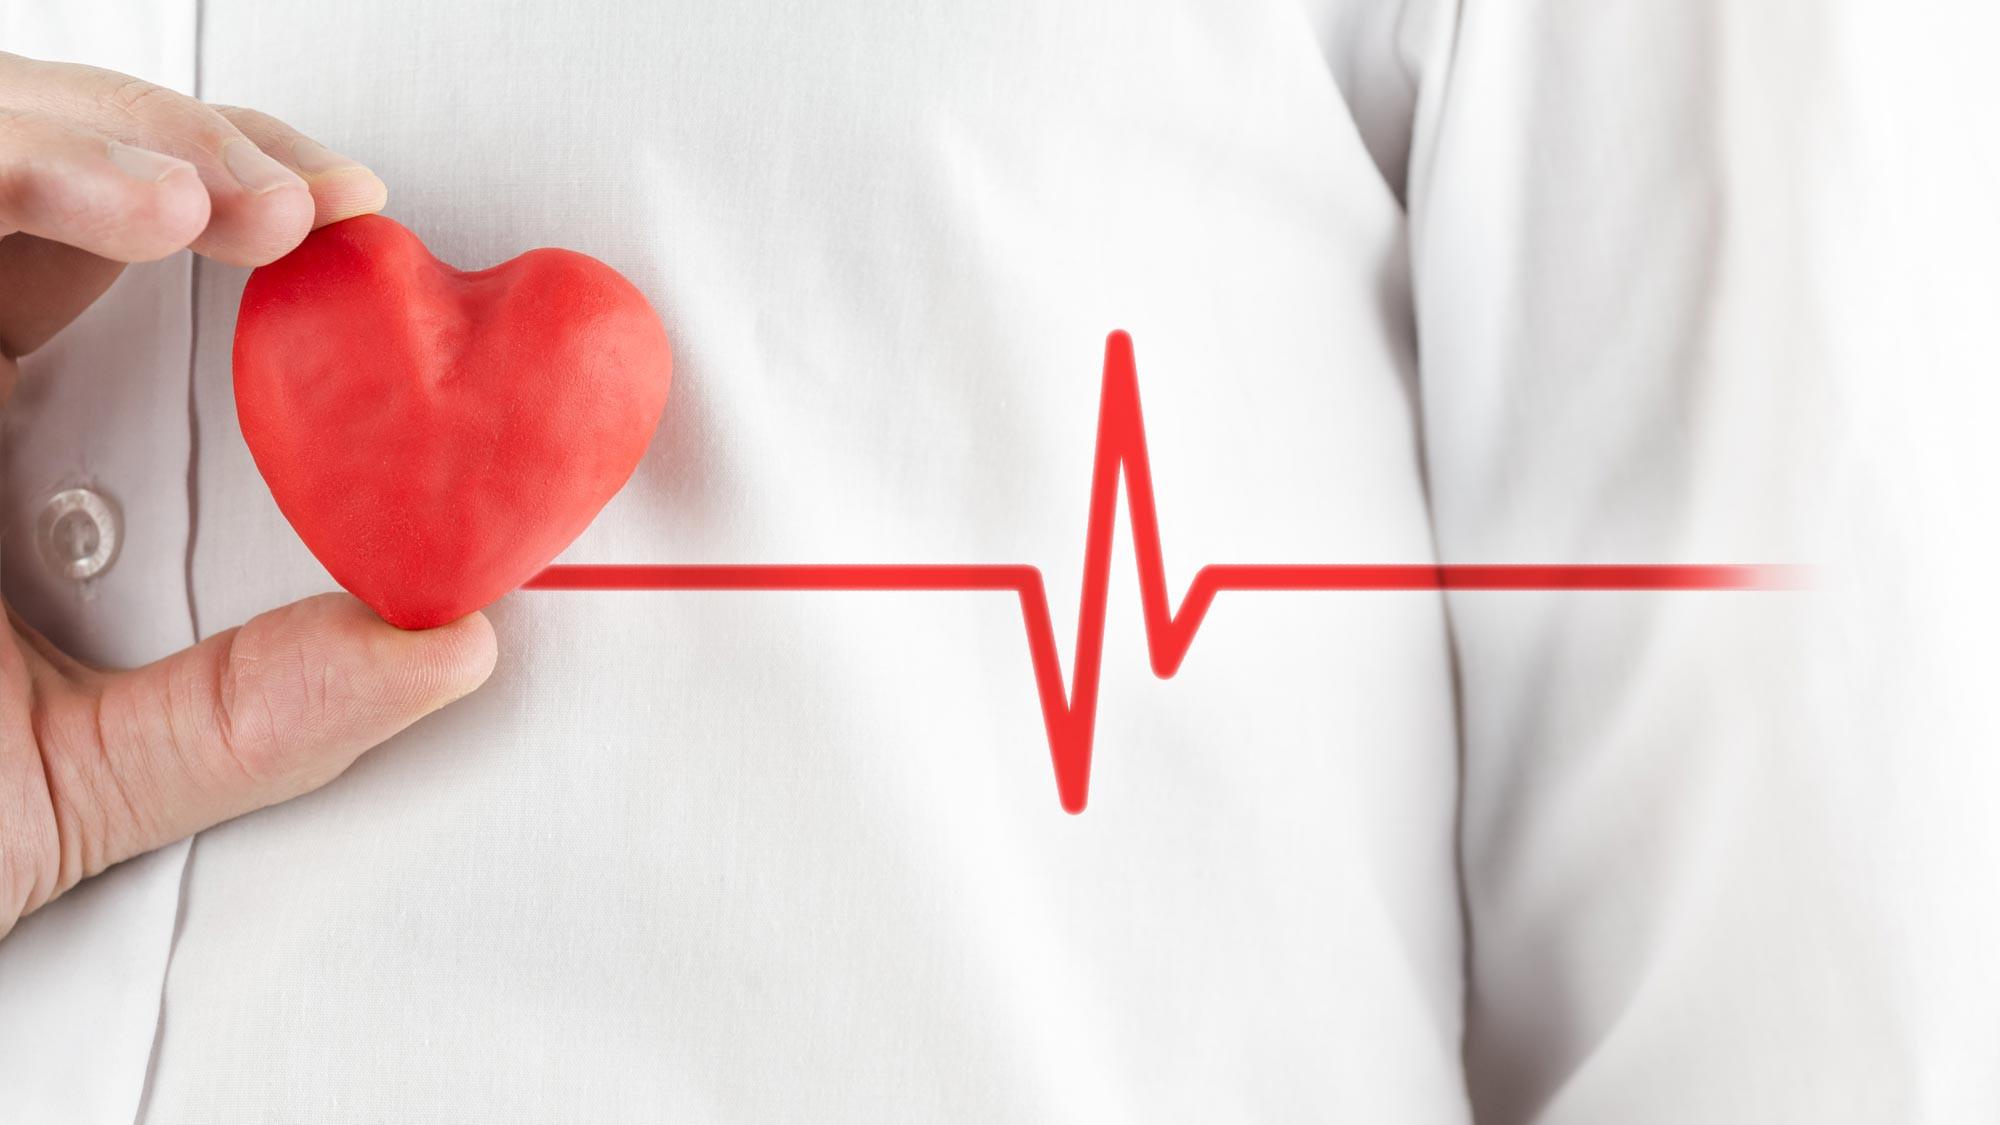 Các dấu hiệu cảnh báo cơn đau tim Ảnh 1